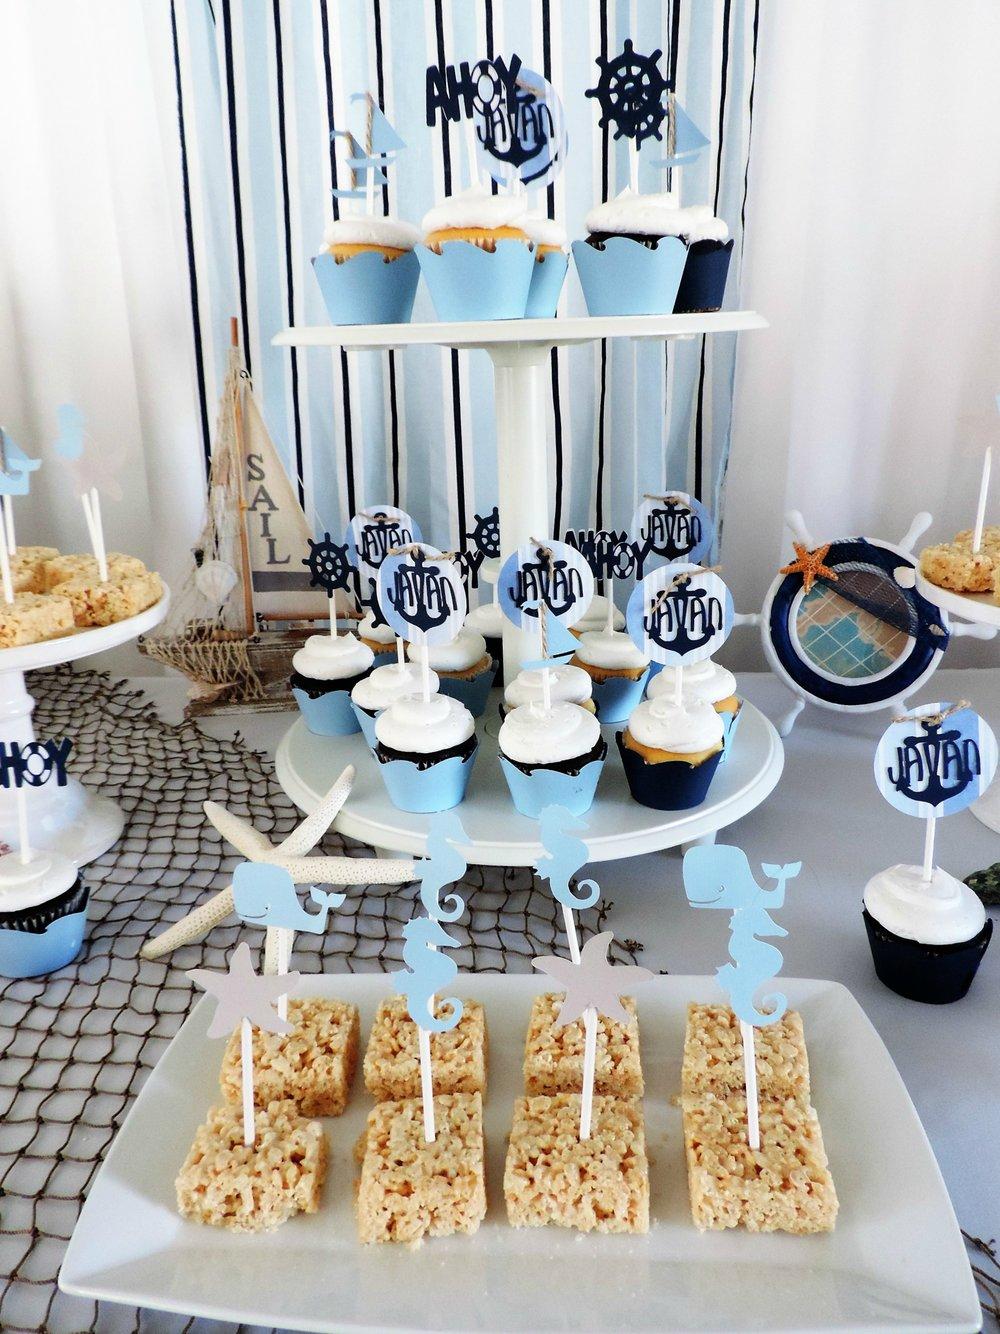 Nautical baby shower-nautical baby boy baby shower-nautical shower-nautical dessert table-nautical baby shower ideas-boy baby shower-www.sugarpartiesla.com.jpg